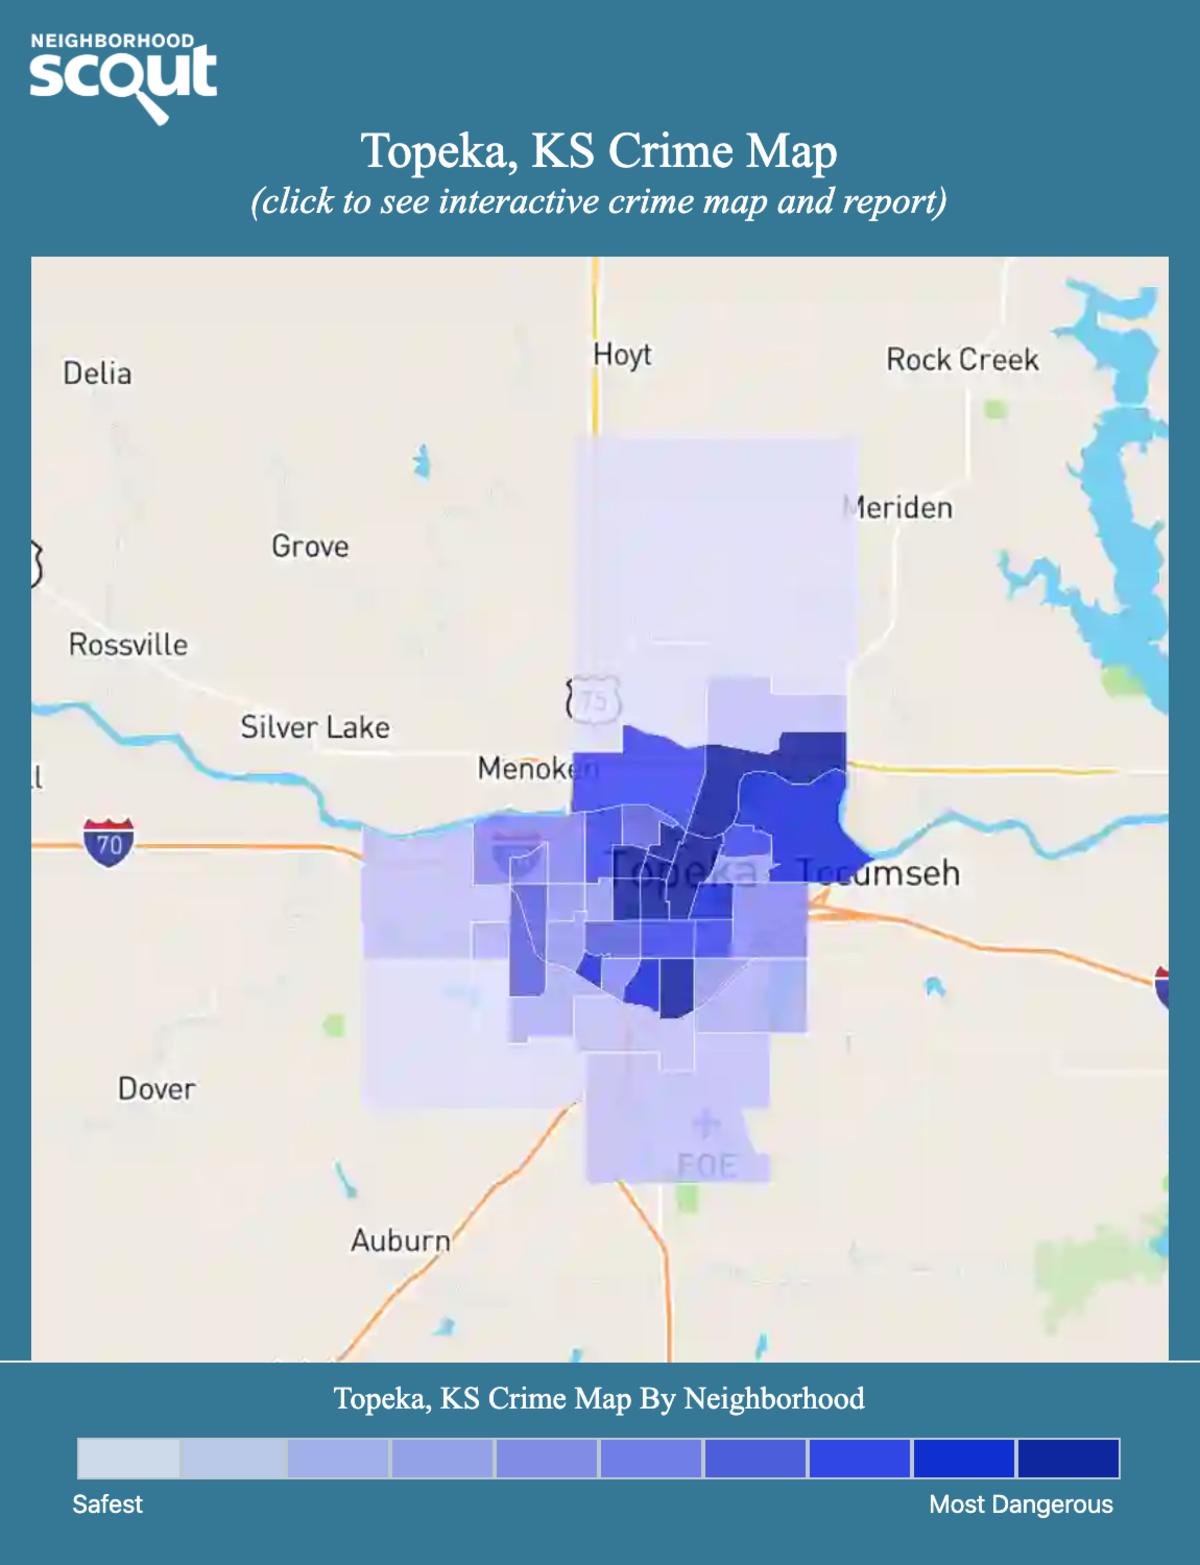 Topeka, Kansas crime map